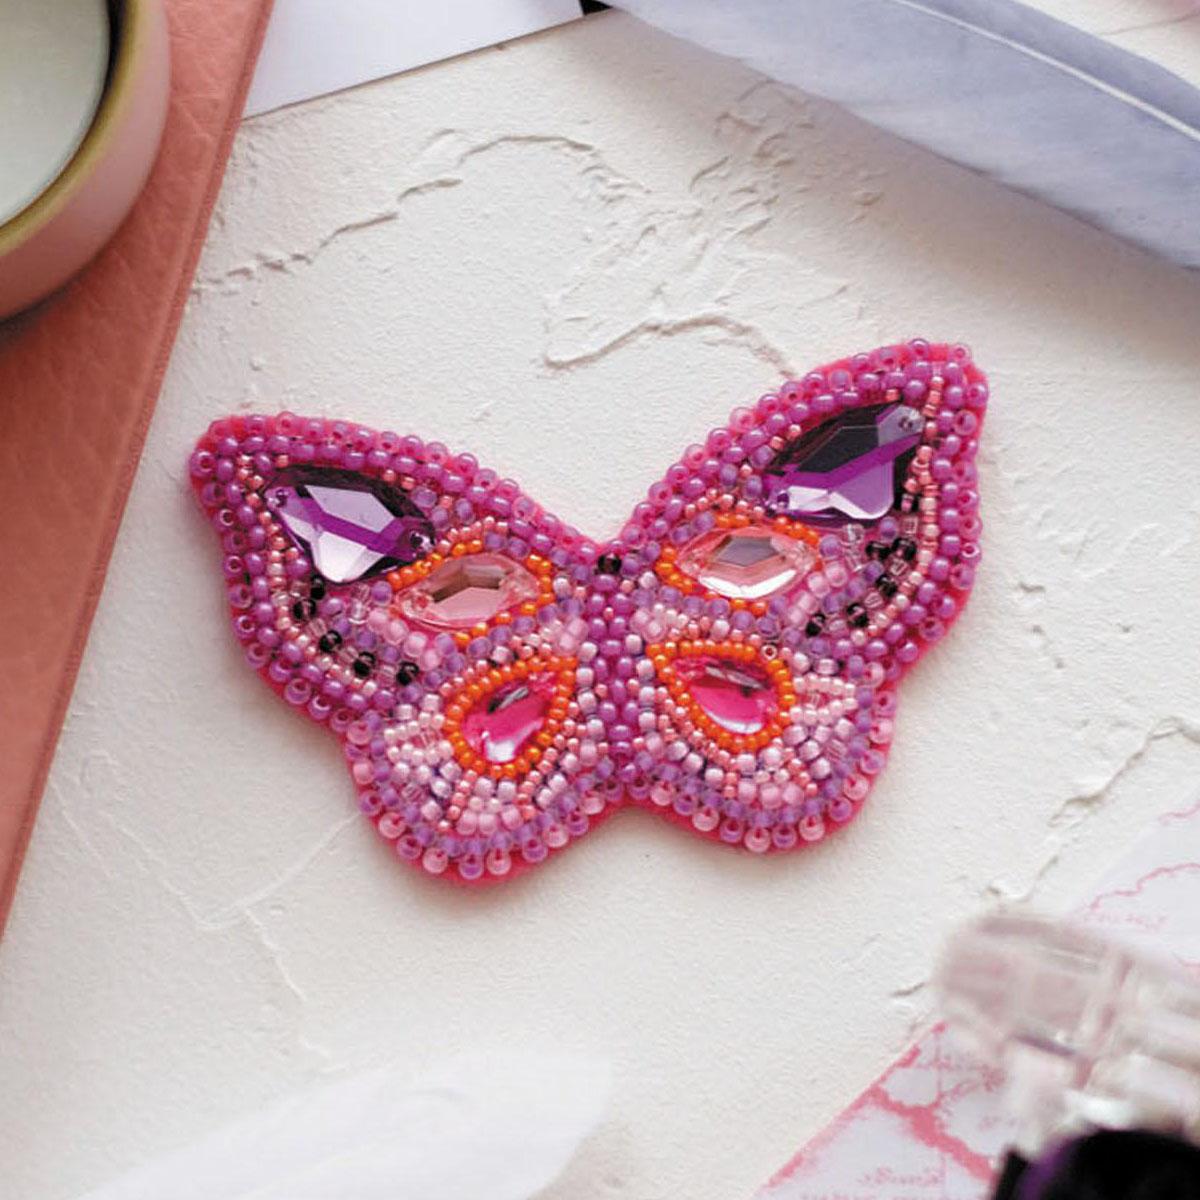 АД-034 Набор для вышивки бисером украшения на натур. художественном холсте 'Пурпур'7,0*4,0см